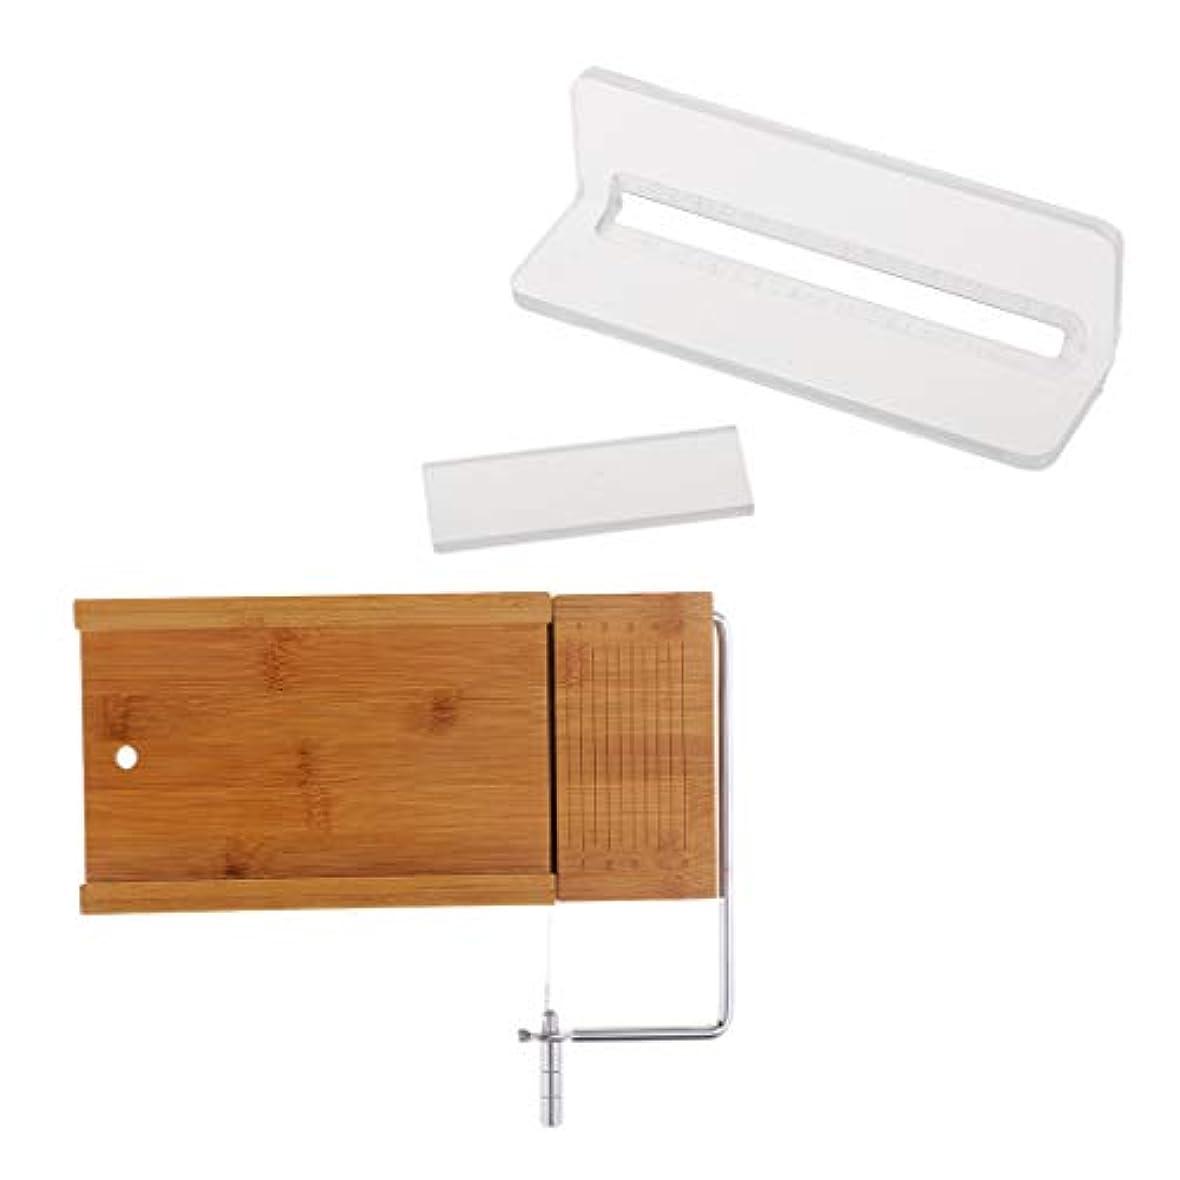 減衰クリップつぶやきチーズカッター 木製 ローフカッター ソープカッター ソープ包丁 3次元カット 2個入り